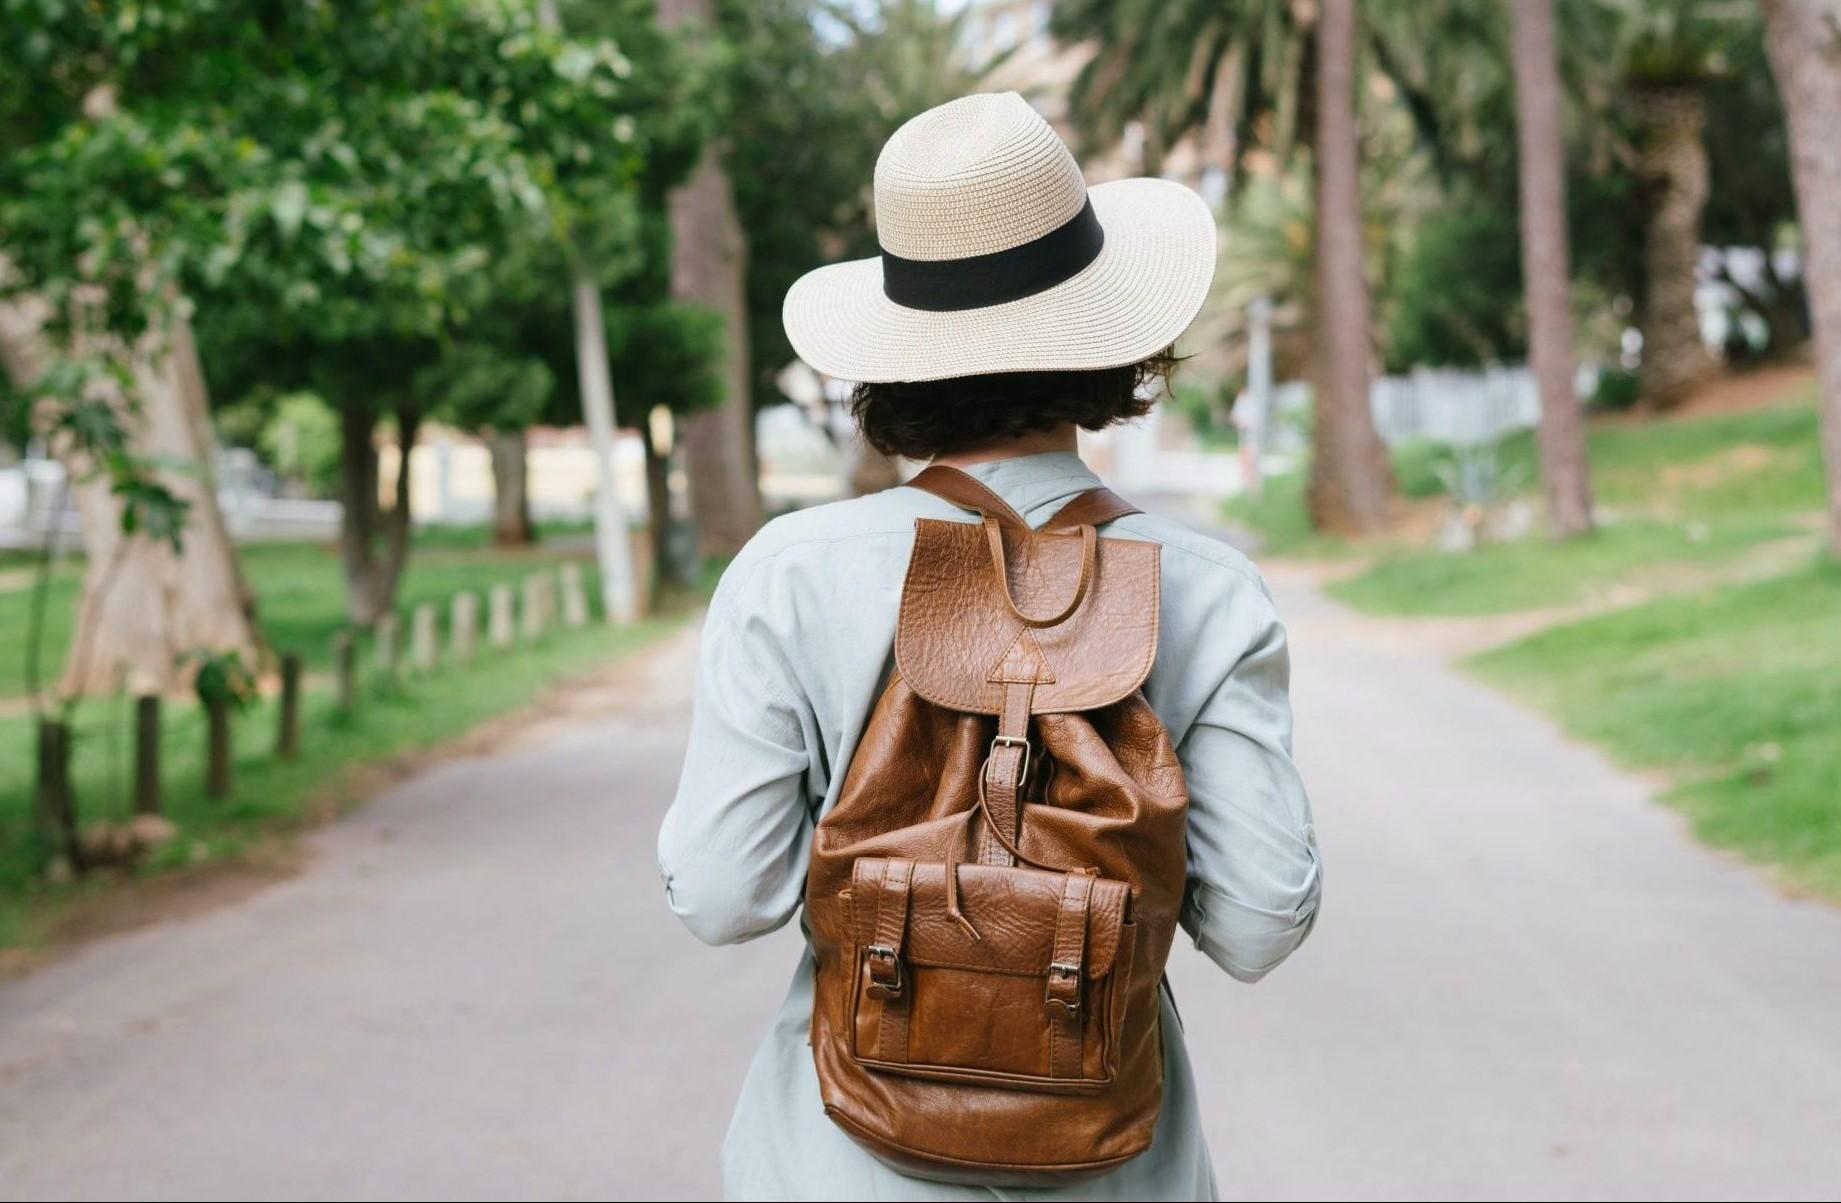 Letní manuál kožených doplňků pro ženy na cestování